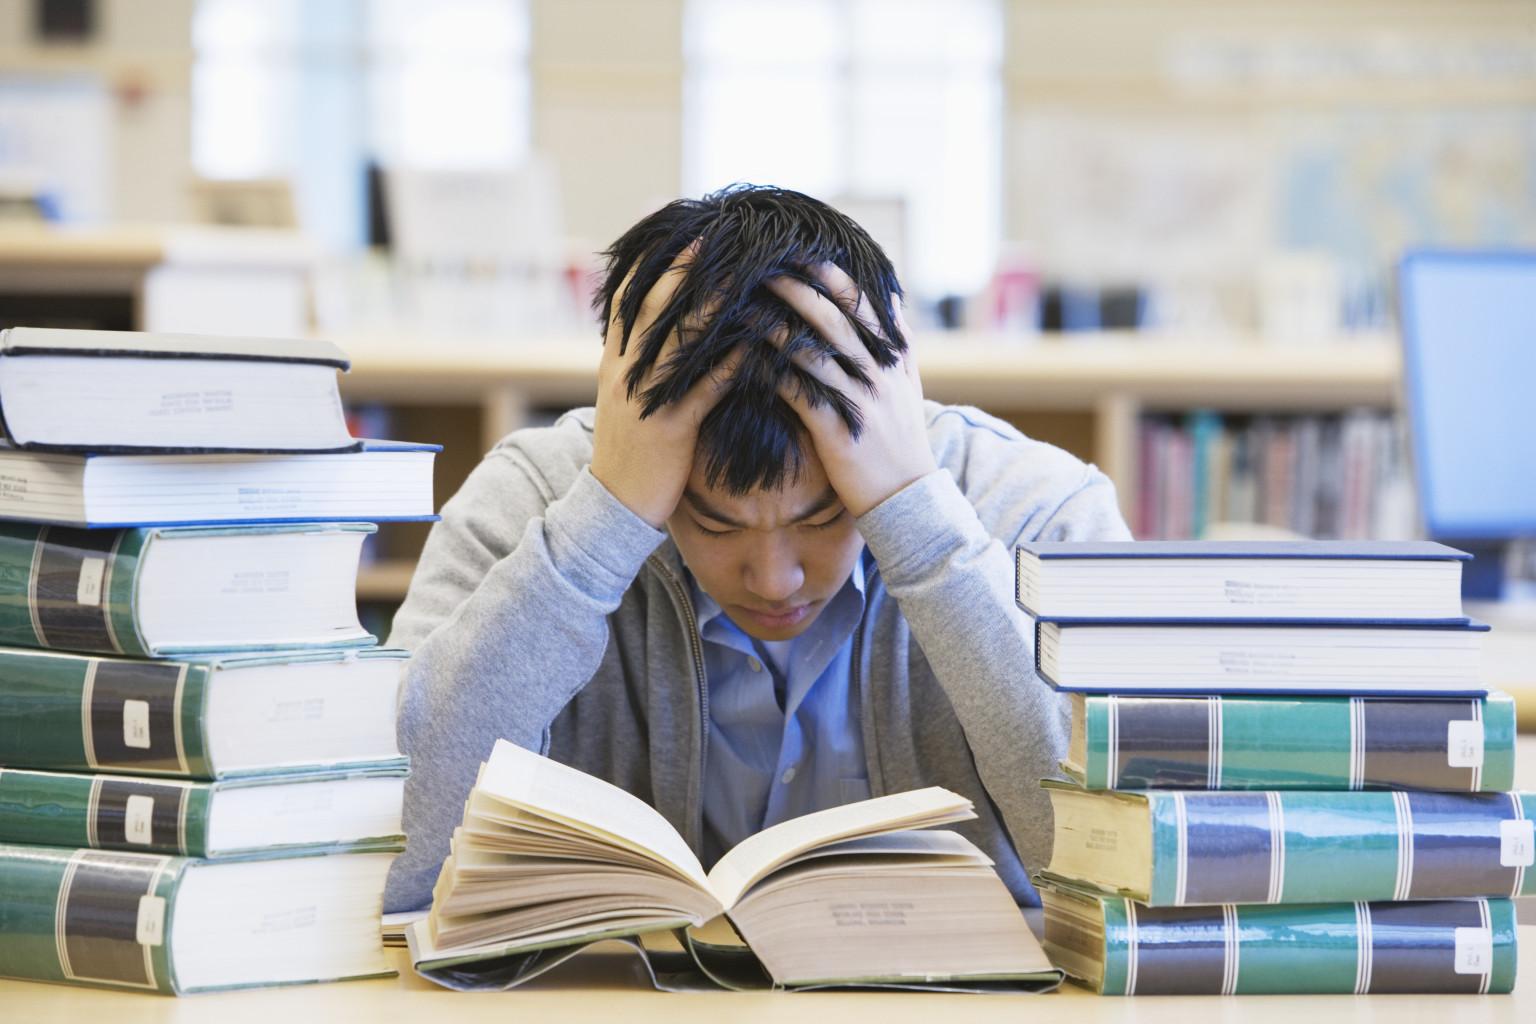 Sai lầm phổ biến khi tự học ngoại ngữ tại nhà